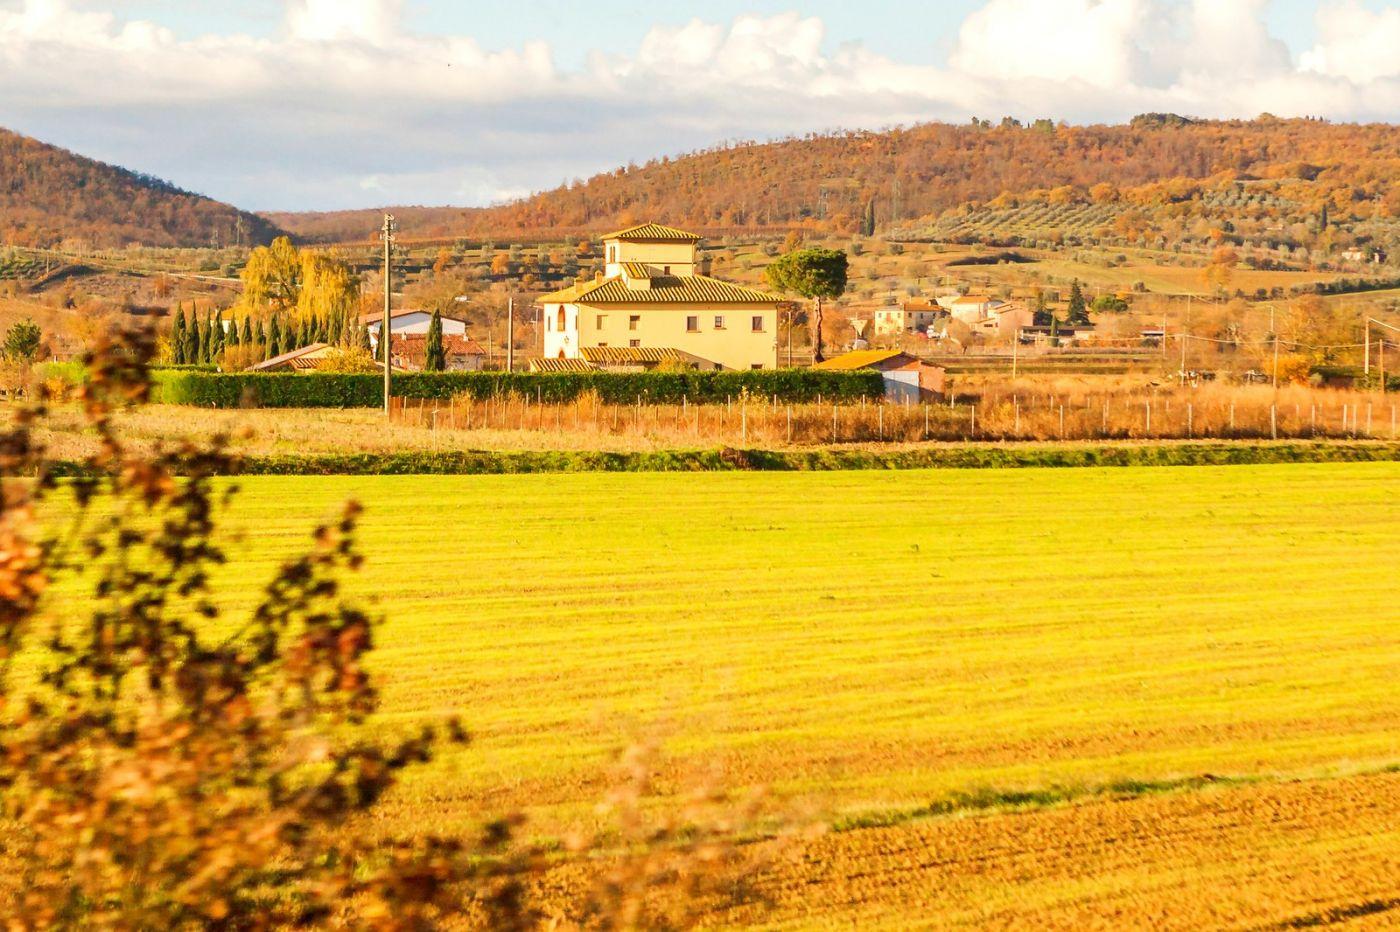 意大利路途,这就是乡村生活?_图1-25